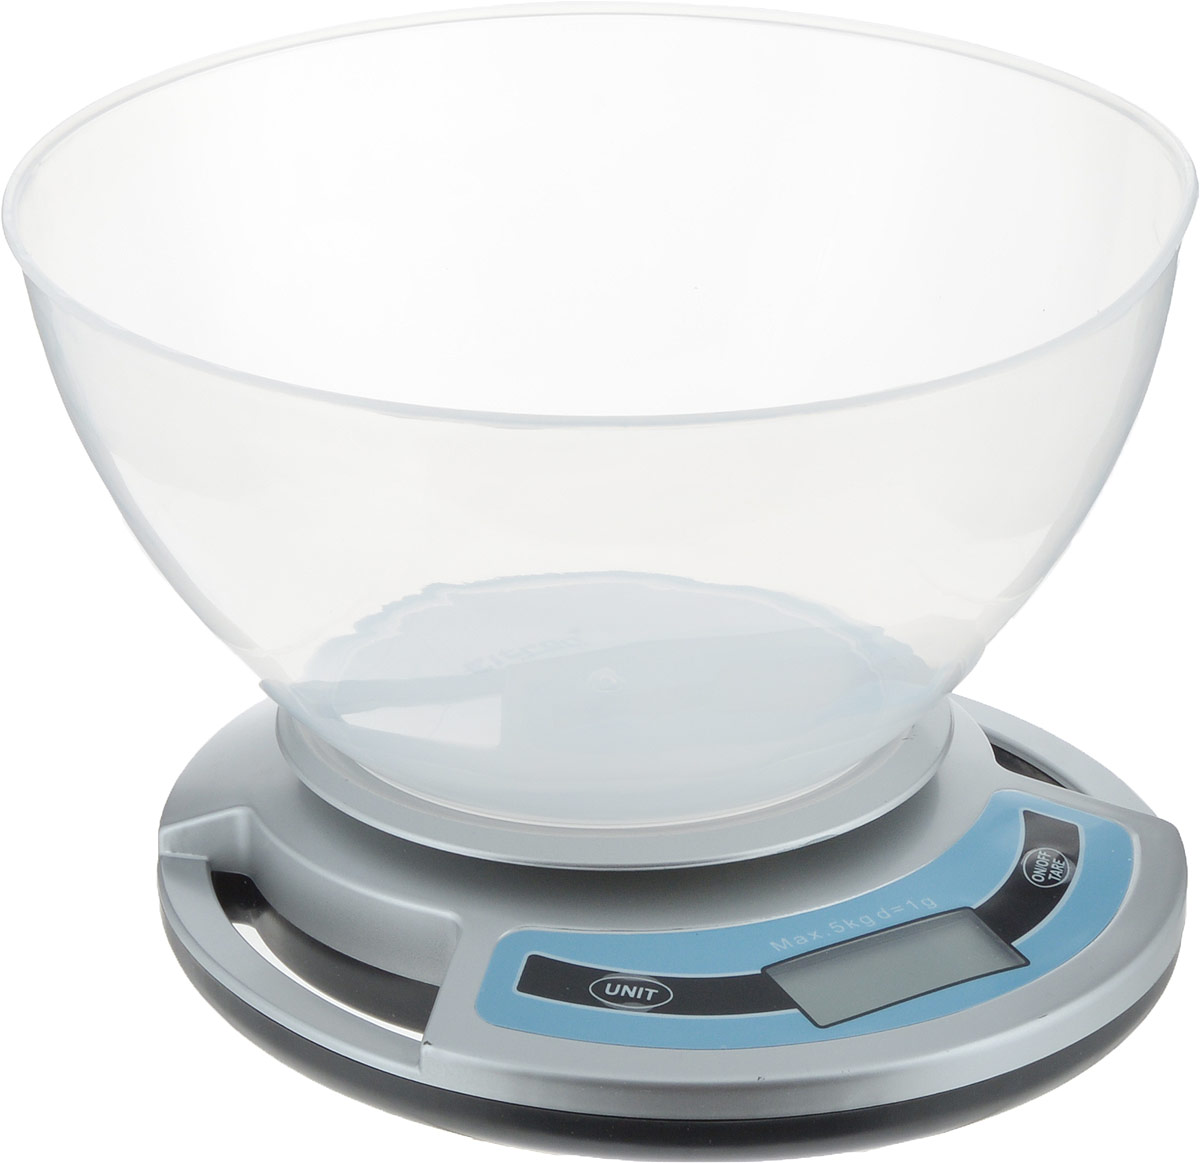 Весы кухонные  Eltron , электронные, с чашей, цвет: серый, прозрачный, до 5 кг. 9260EL - Кухонные весы